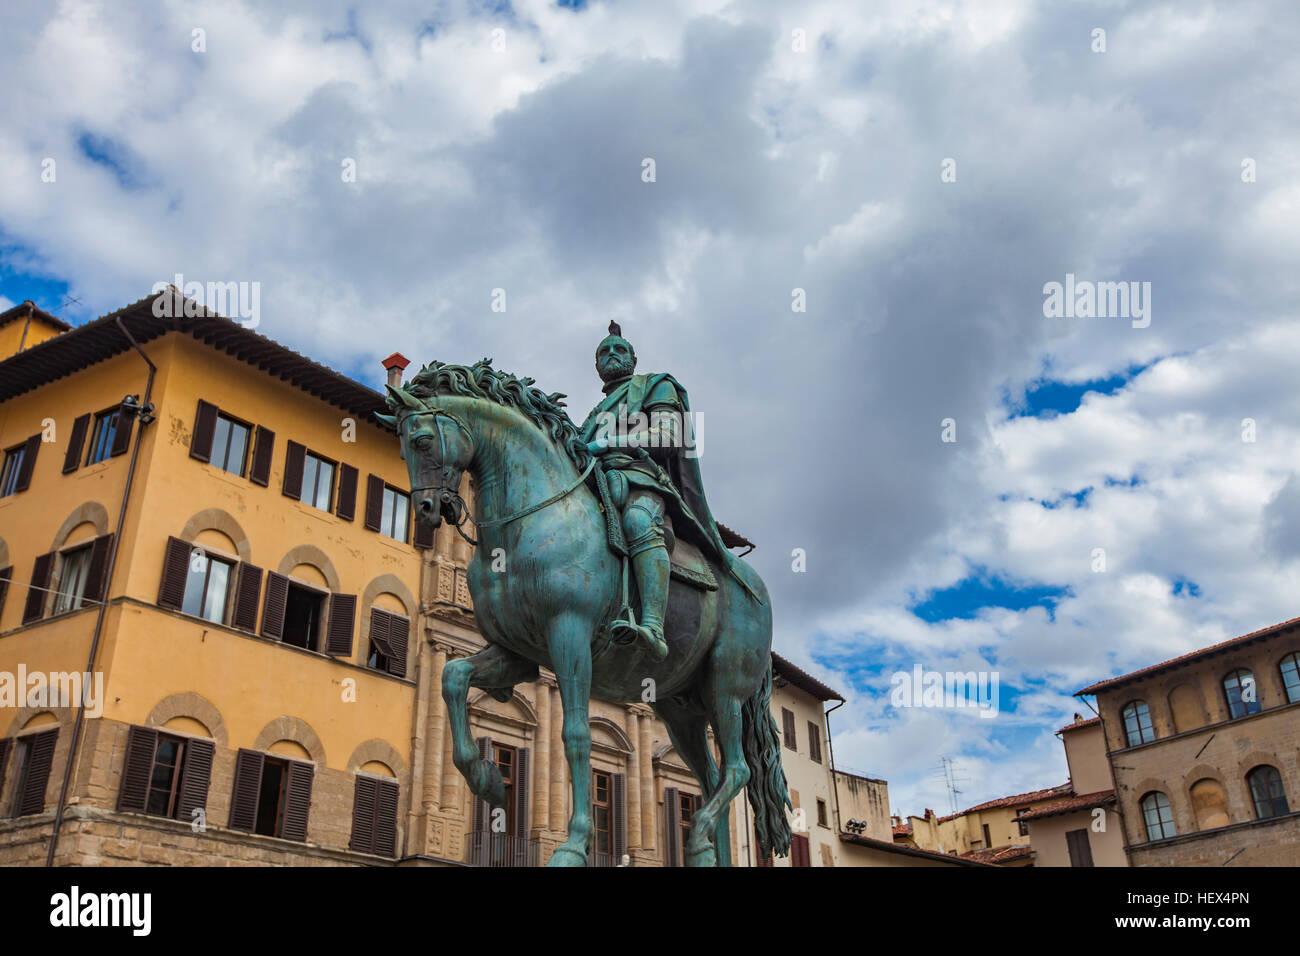 Statua equestre di Cosimo at Piazza della Signoria in Florence, Italy - Stock Image